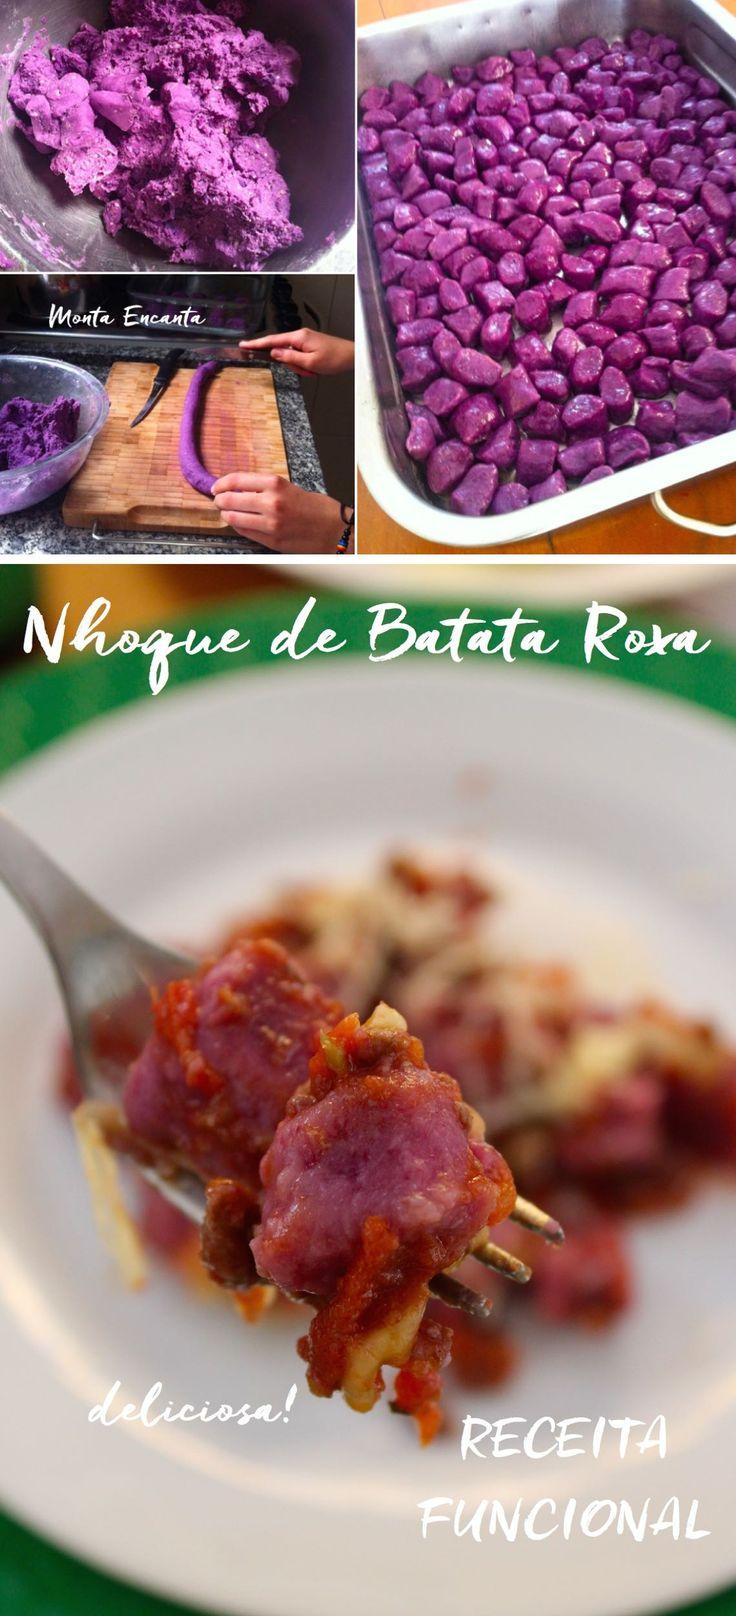 Nhoque de Batata Roxa dá água na boca só de lembrar. Além de delicioso ele tem uma cor linda e menor índice glicêmico que o tradicional!